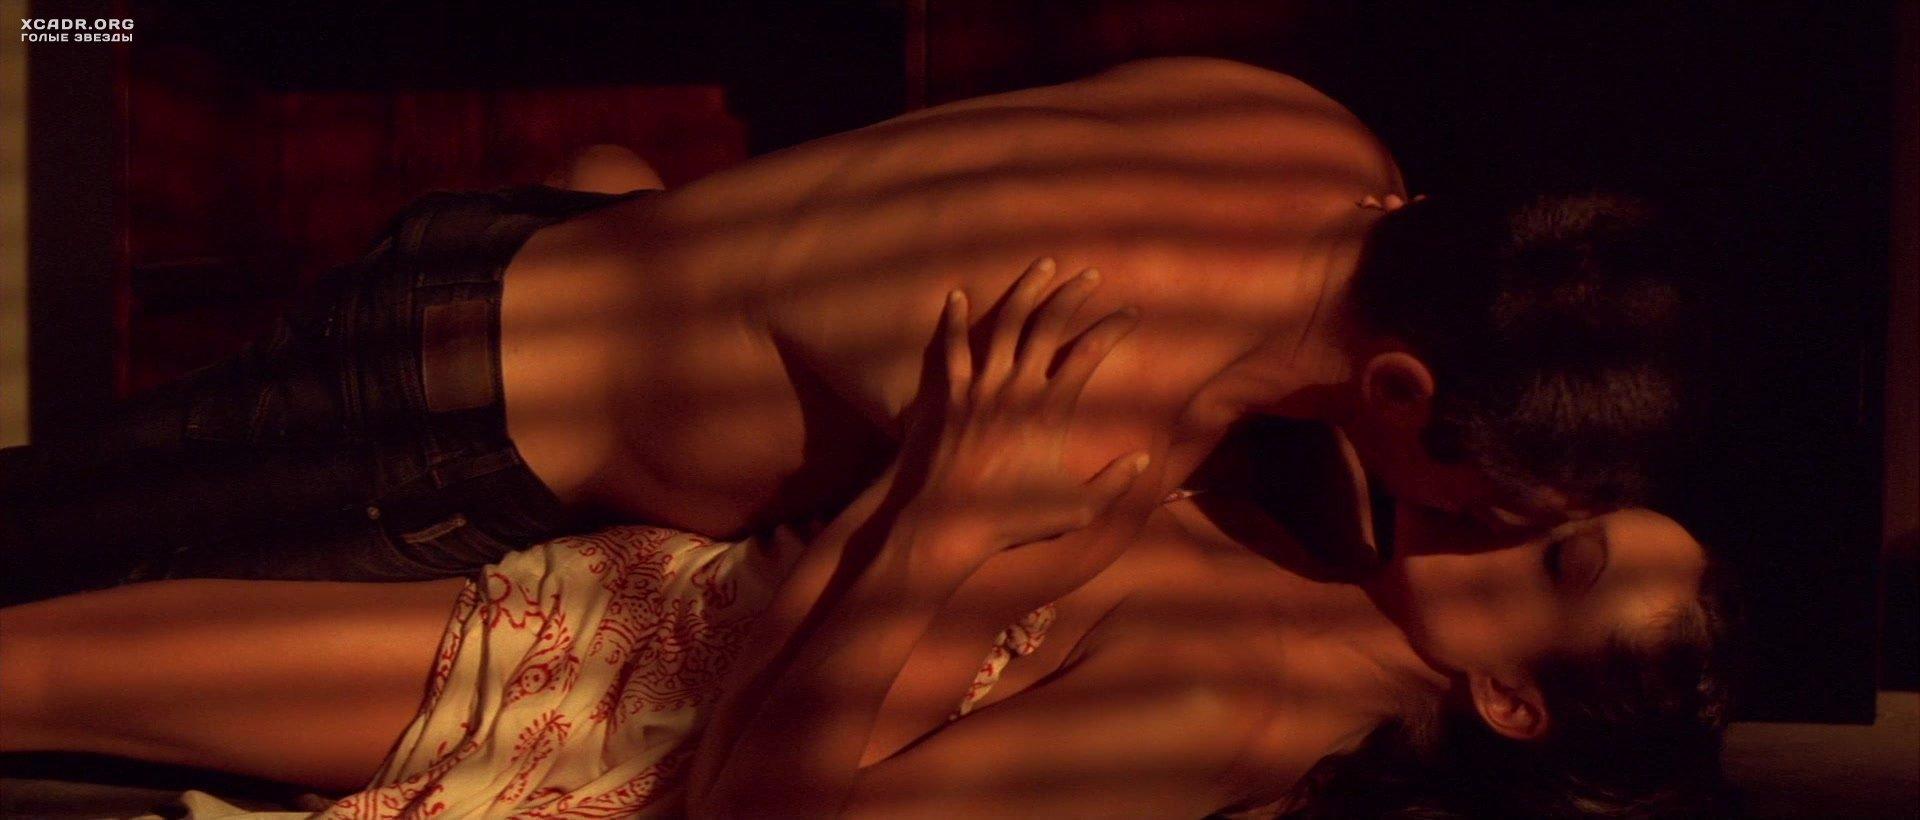 Фильм секс страсть